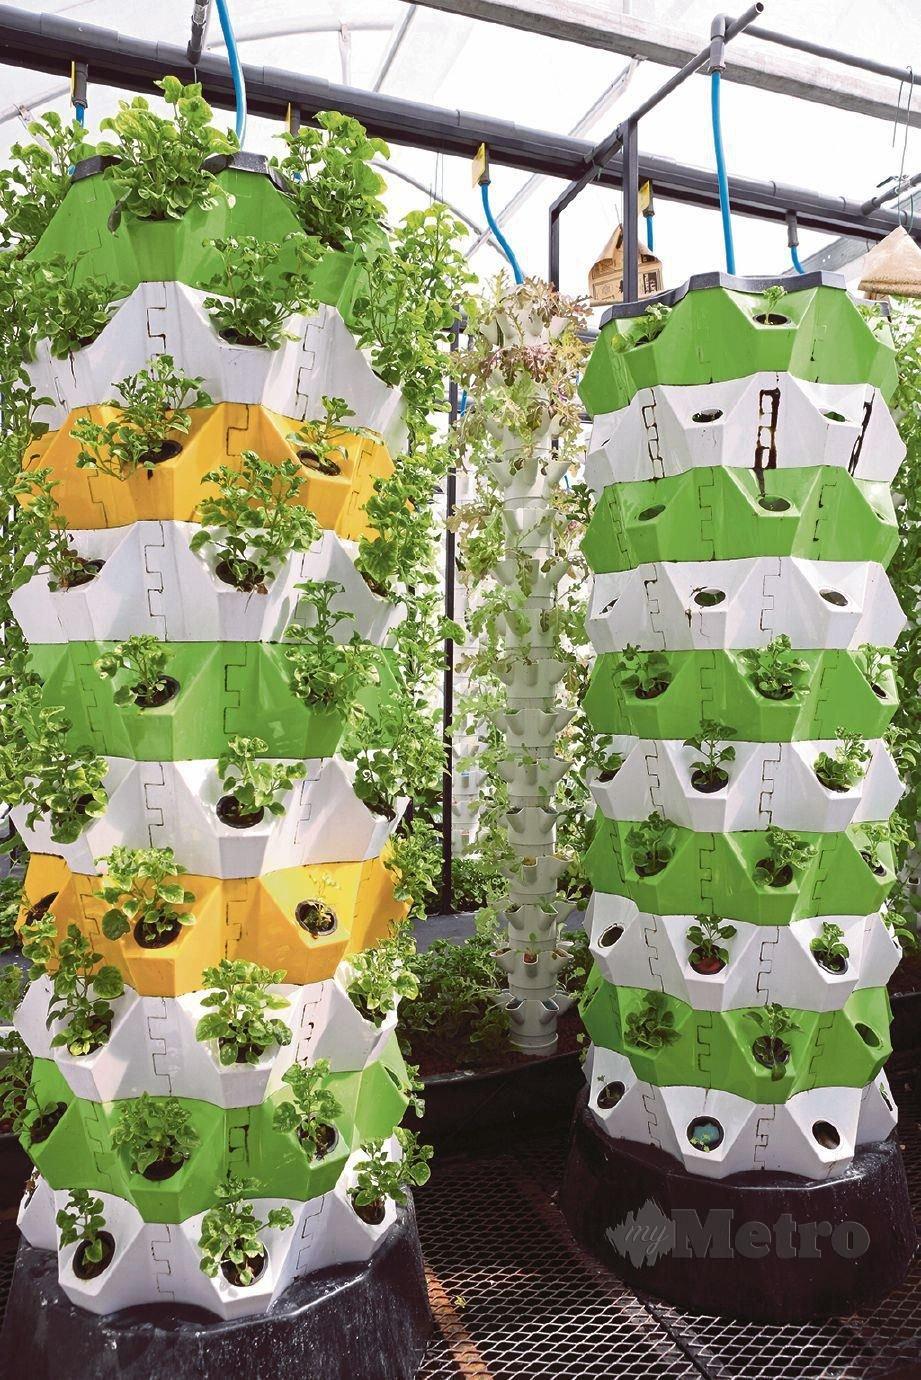 TANAMAN sayuran ditanam di ruang seakan-akan menara dan di bawahnya ruang ternakan ikan air tawar.  FOTO Amirudin Sahib